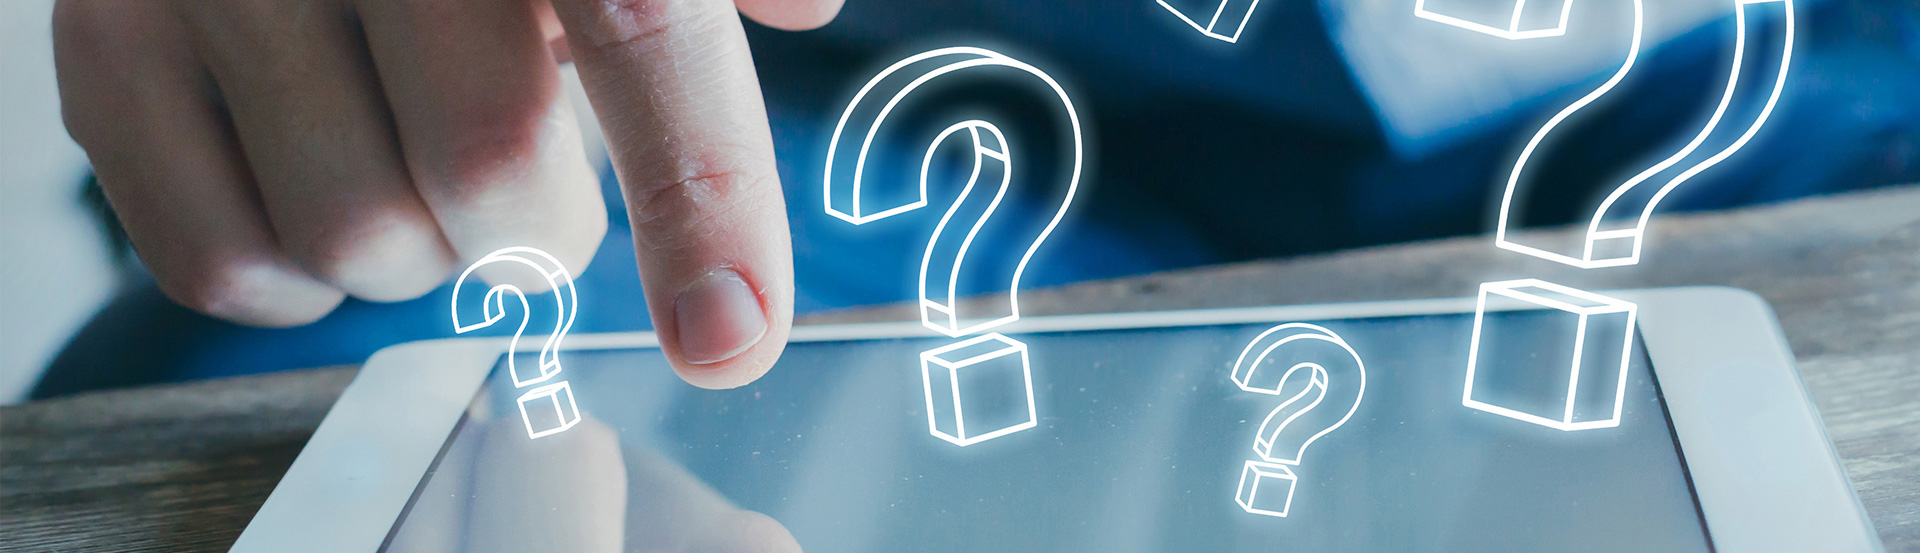 Enquête sur site web : améliorer le taux de conversion e-commerce